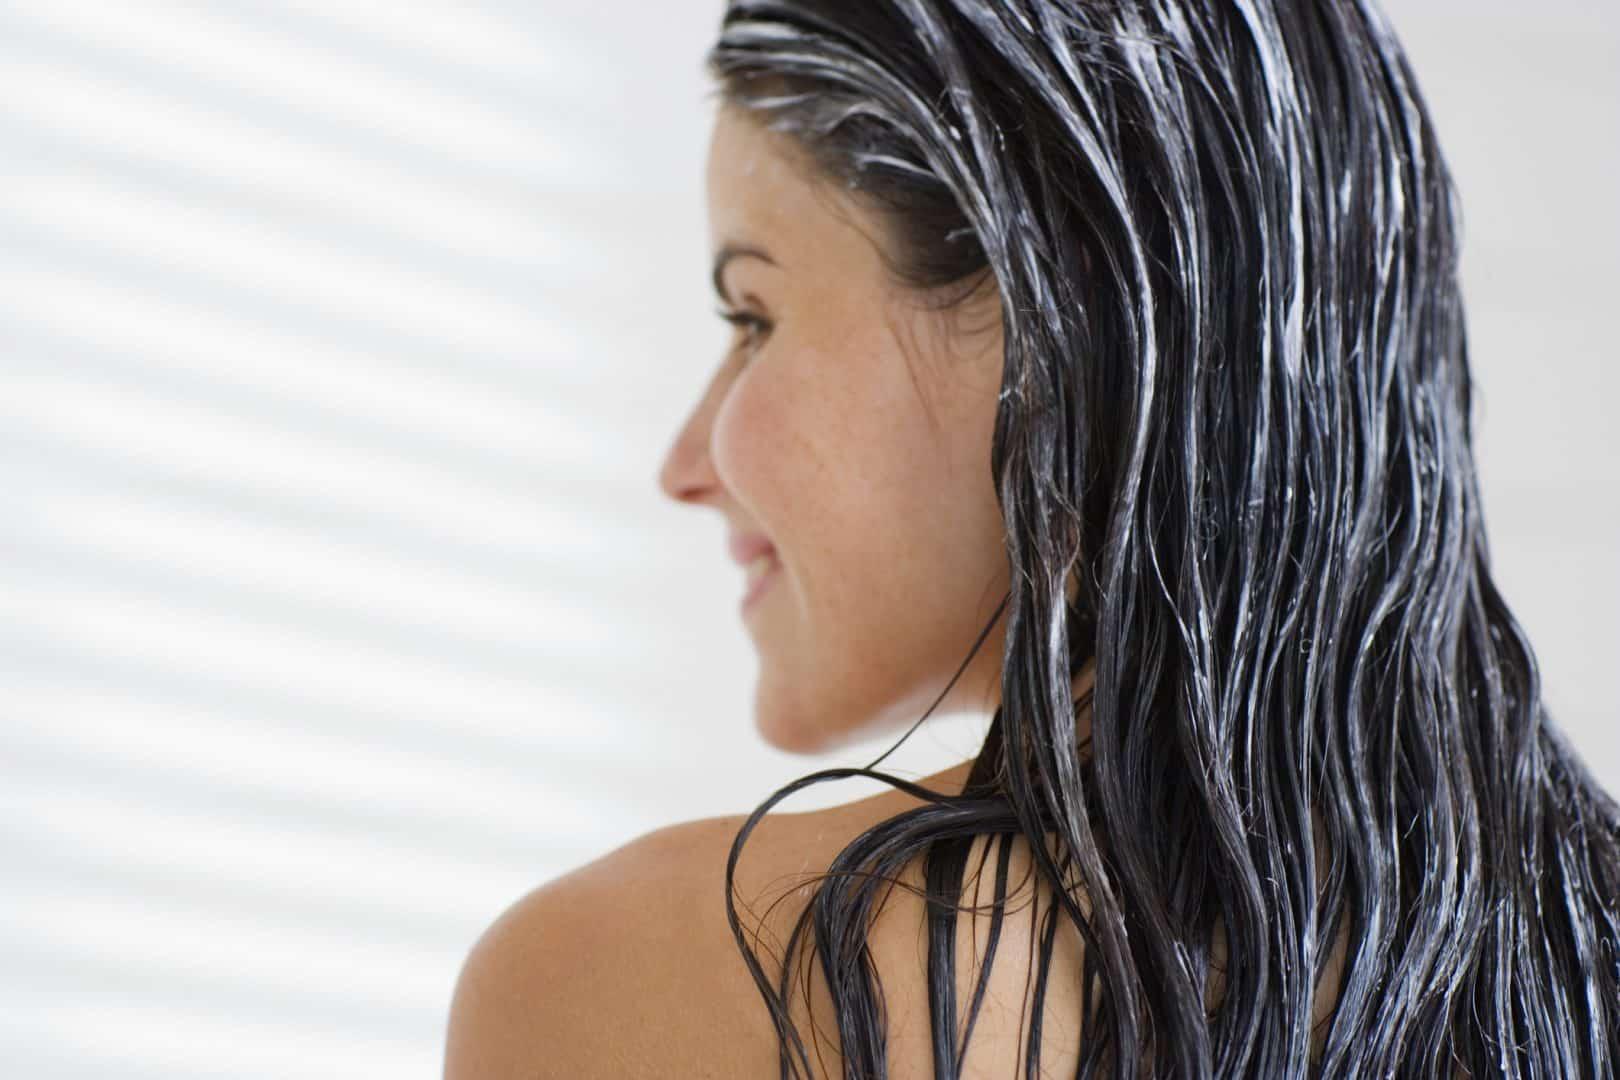 Hidratação para o cabelo - 16 receitas caseiras para deixar os fios hidratados